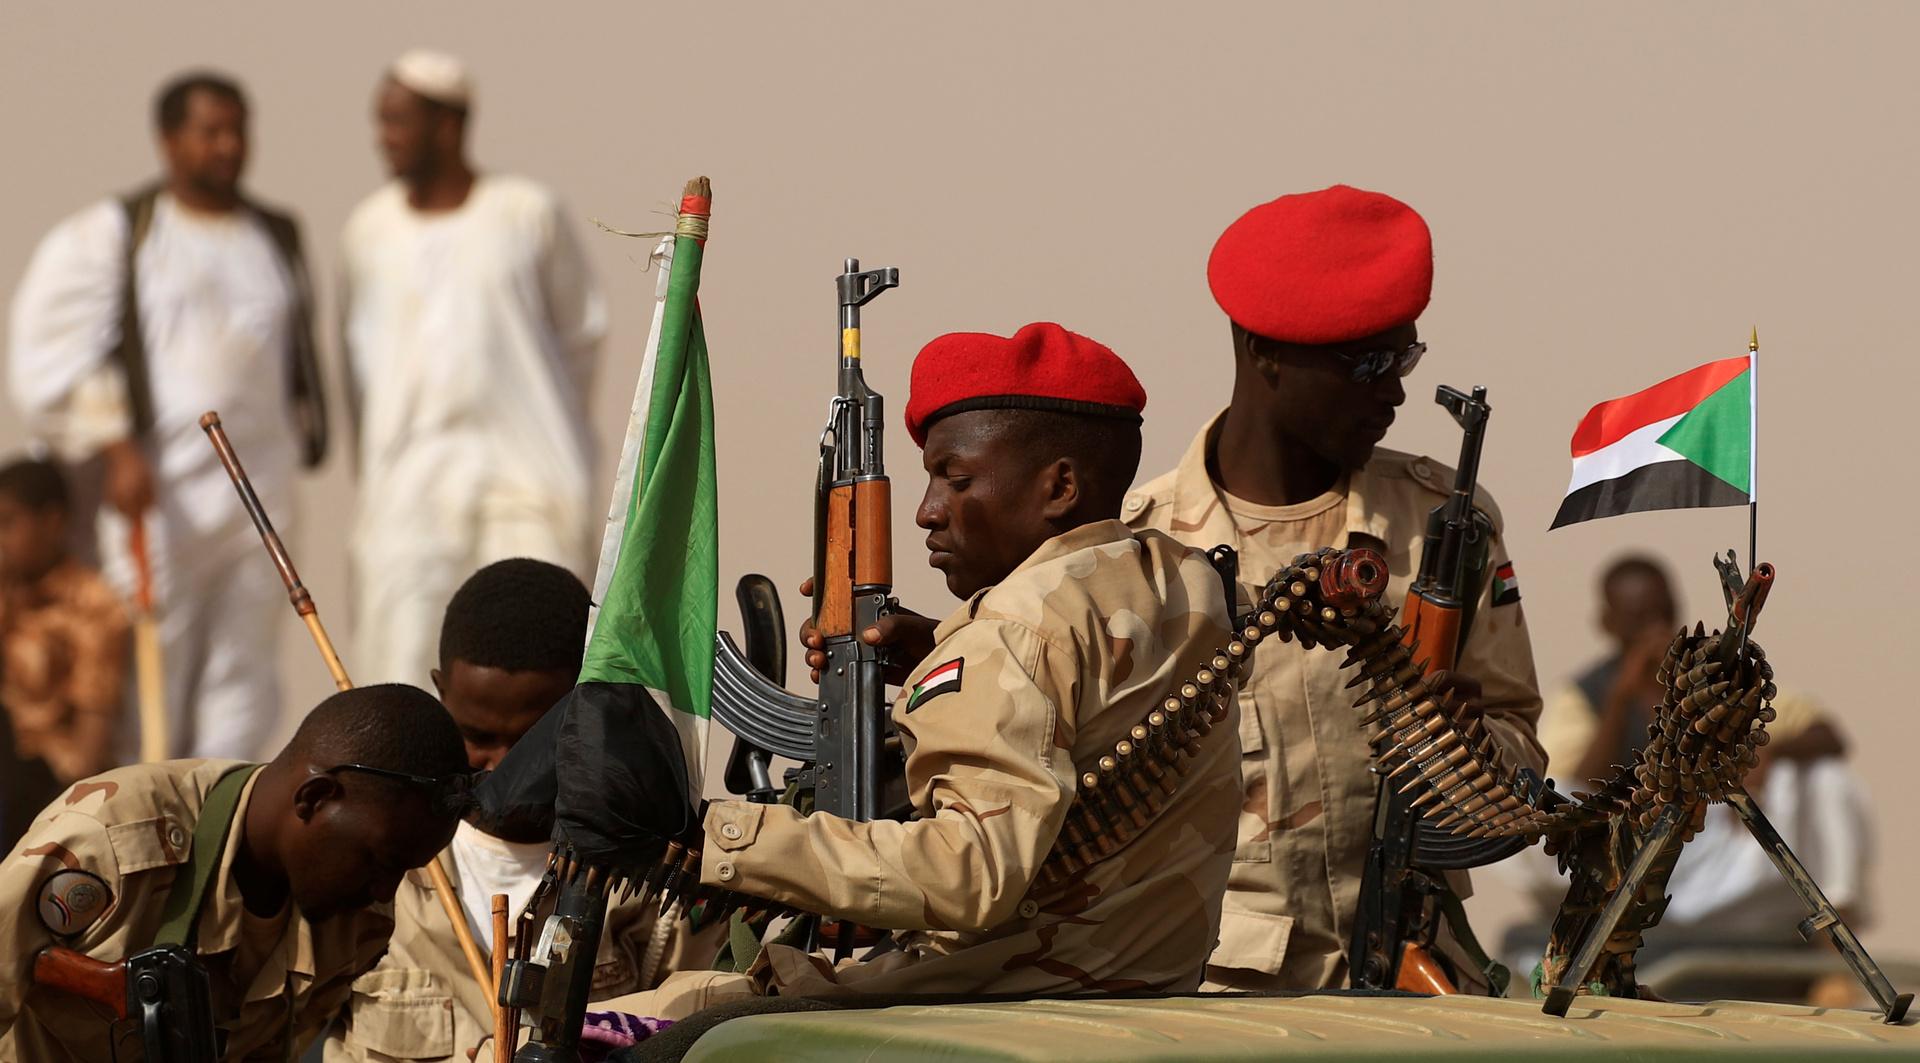 عناصر من قوات الأمن السودانية